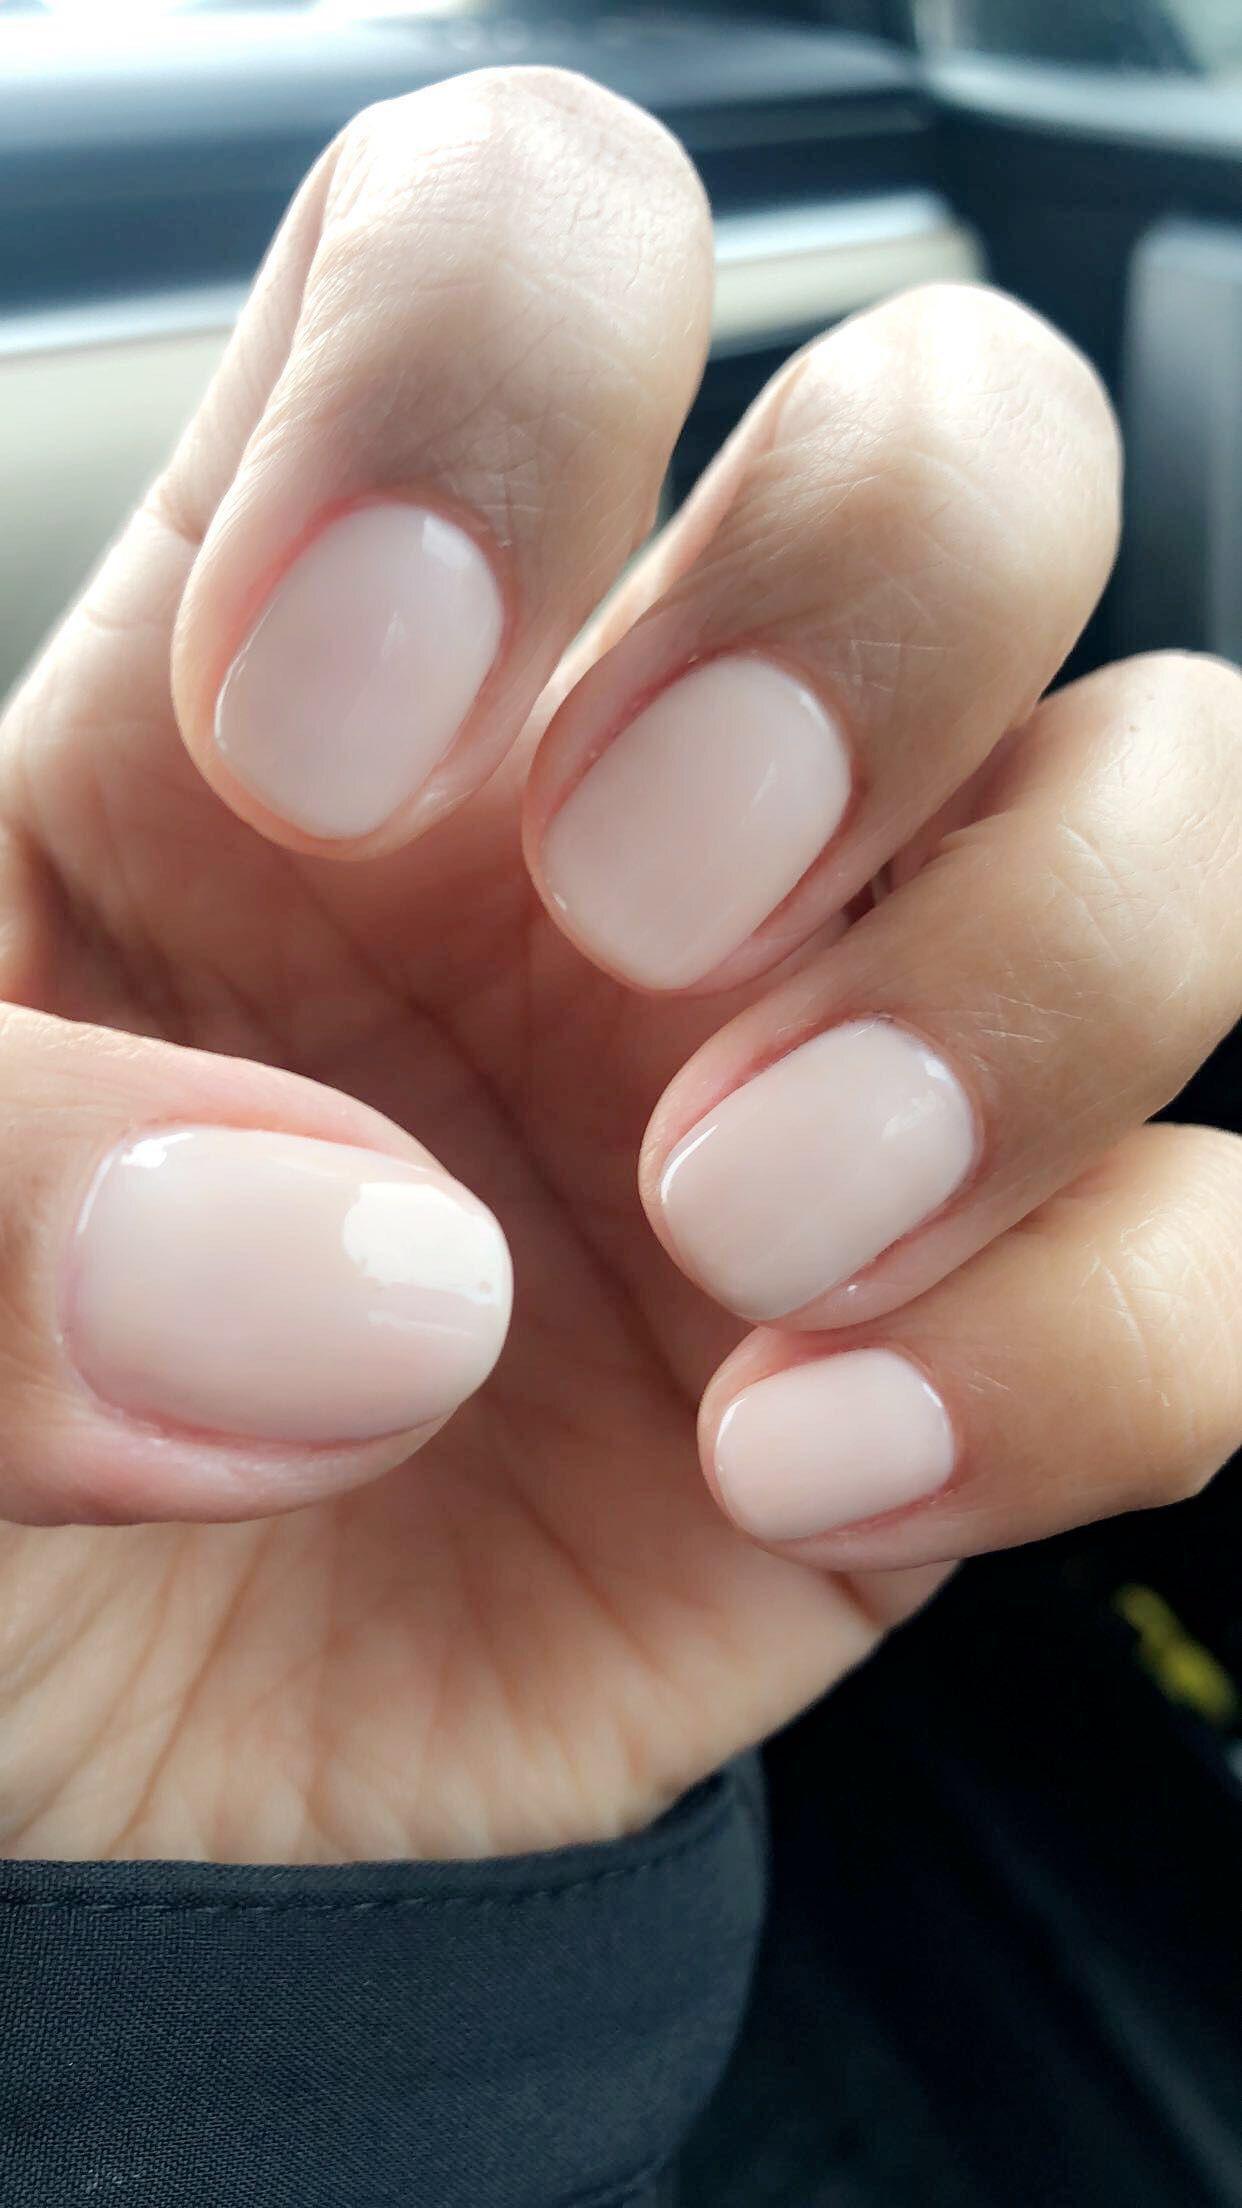 Natural Nails Opi Gel Polish Funny Bunny Chic Nails Nail Shapes Squoval Opi Gel Polish